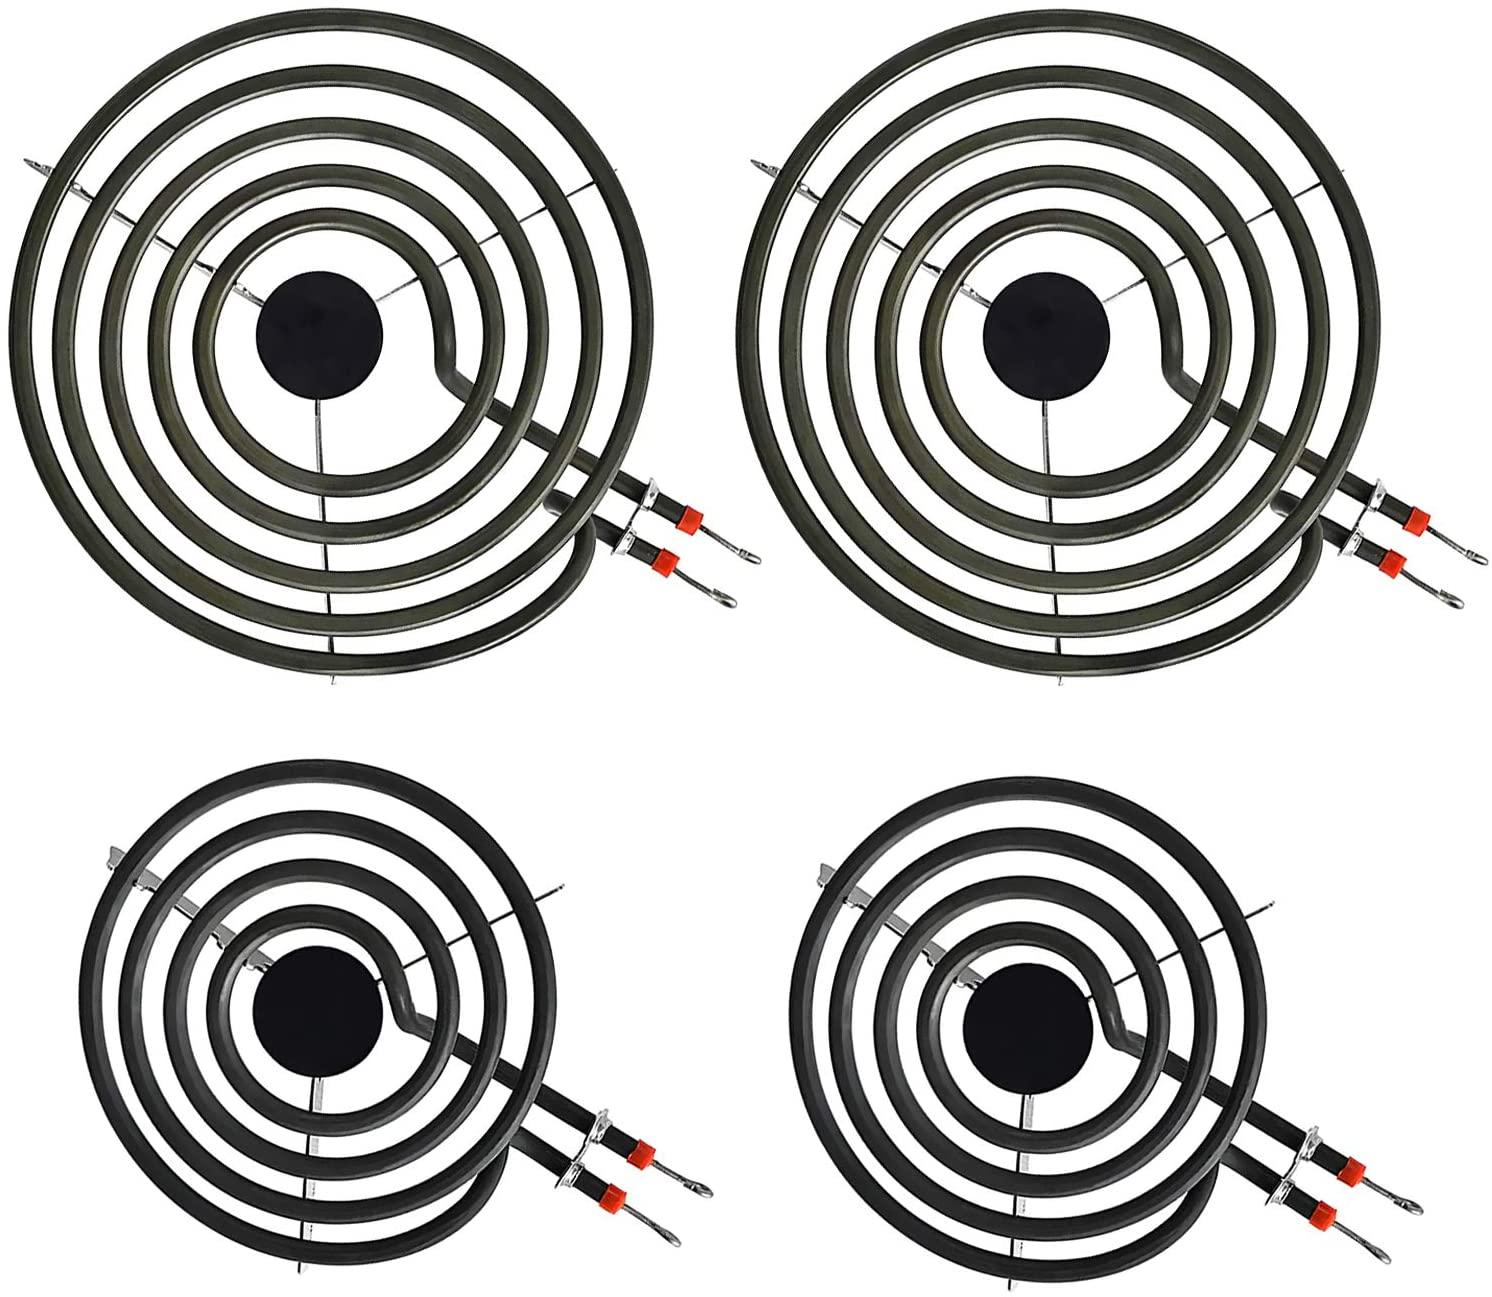 LXun MP22YA Electric Range Burner Element Unit Set, 4 Pack Included 2 x MP15YA 6